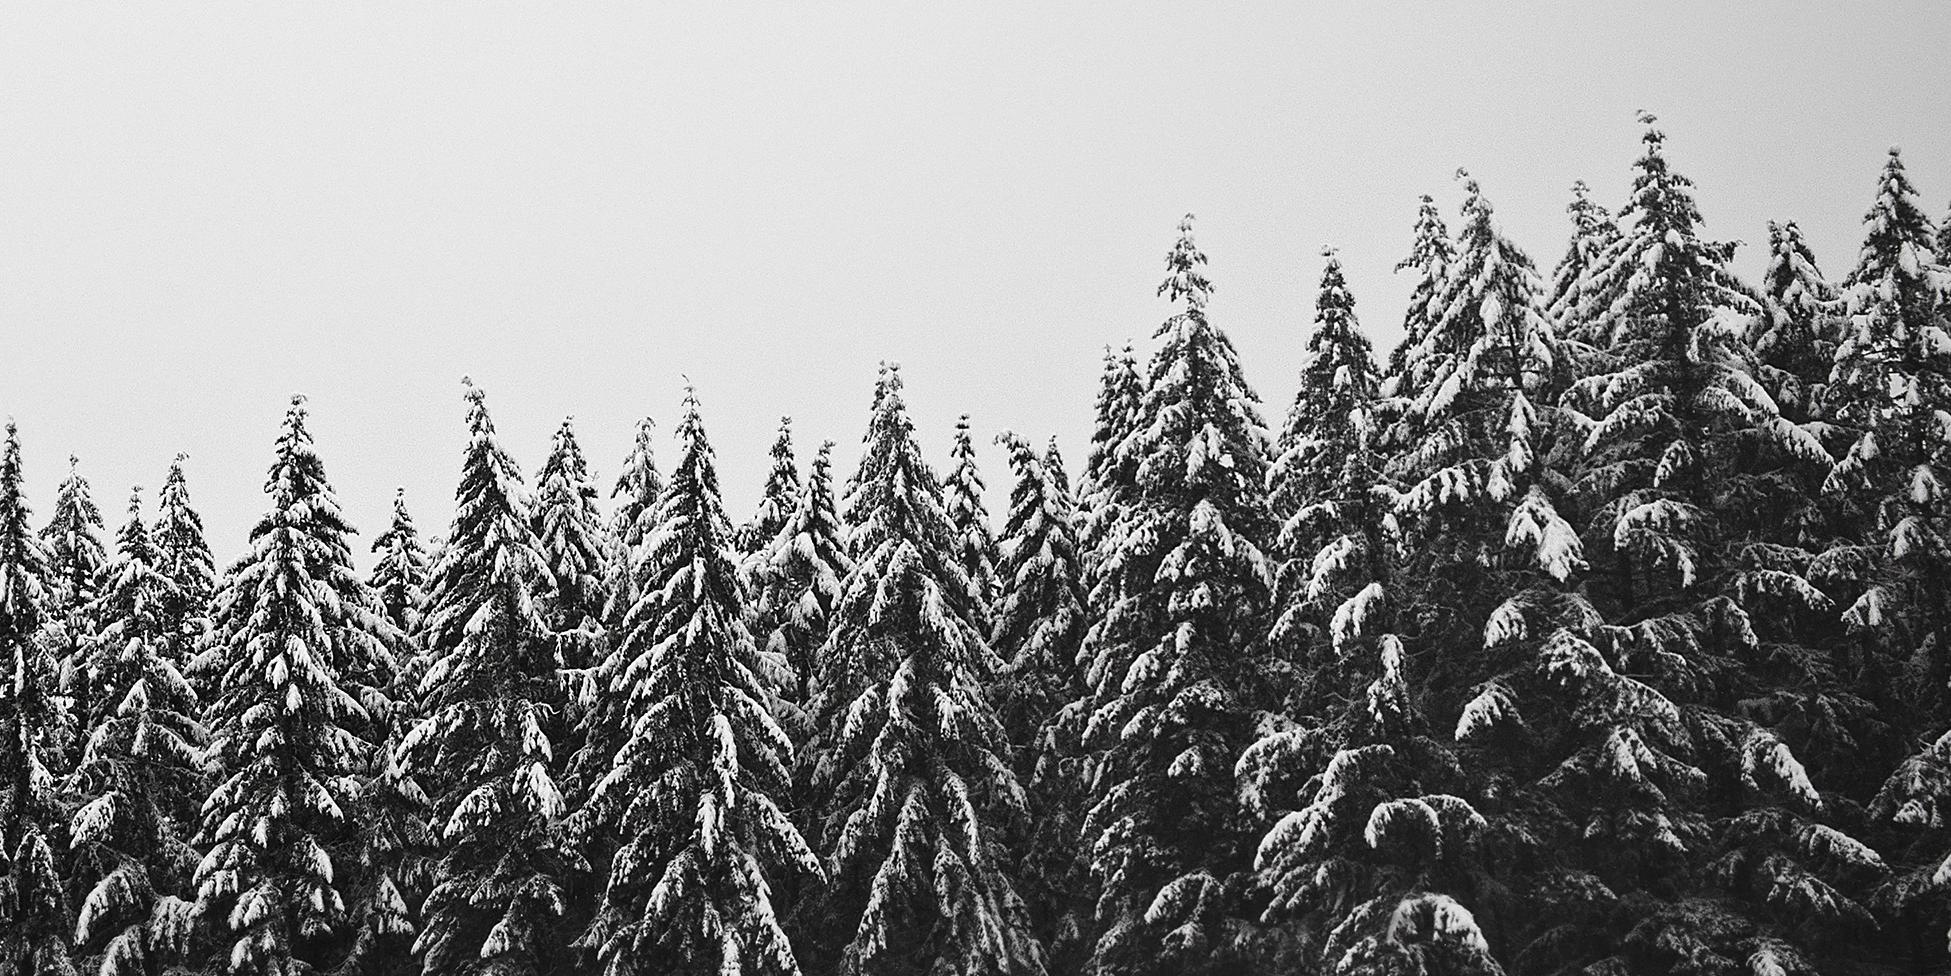 2017-02-06 - Snow Day 27 B&W cropped